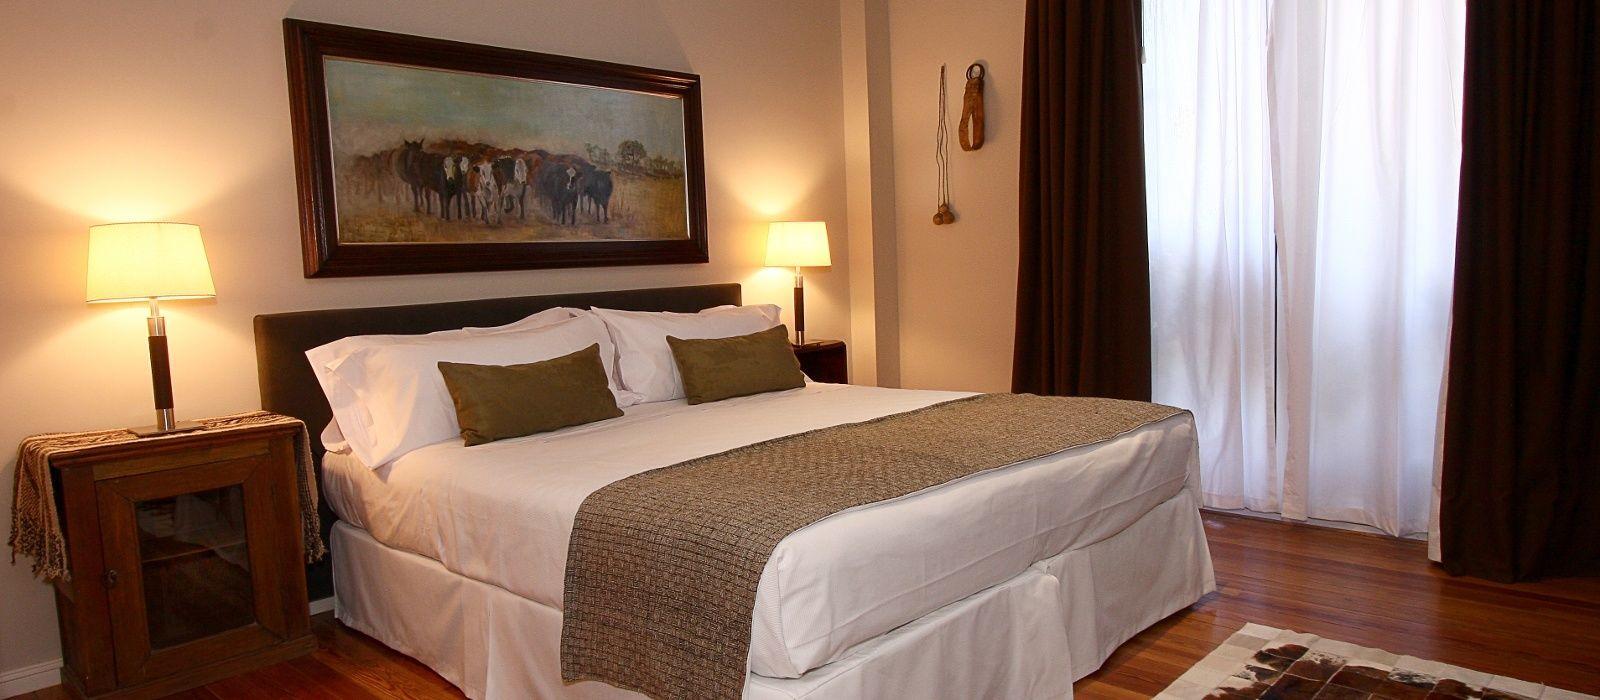 Hotel Legado Mitico Buenos Aires Argentinien